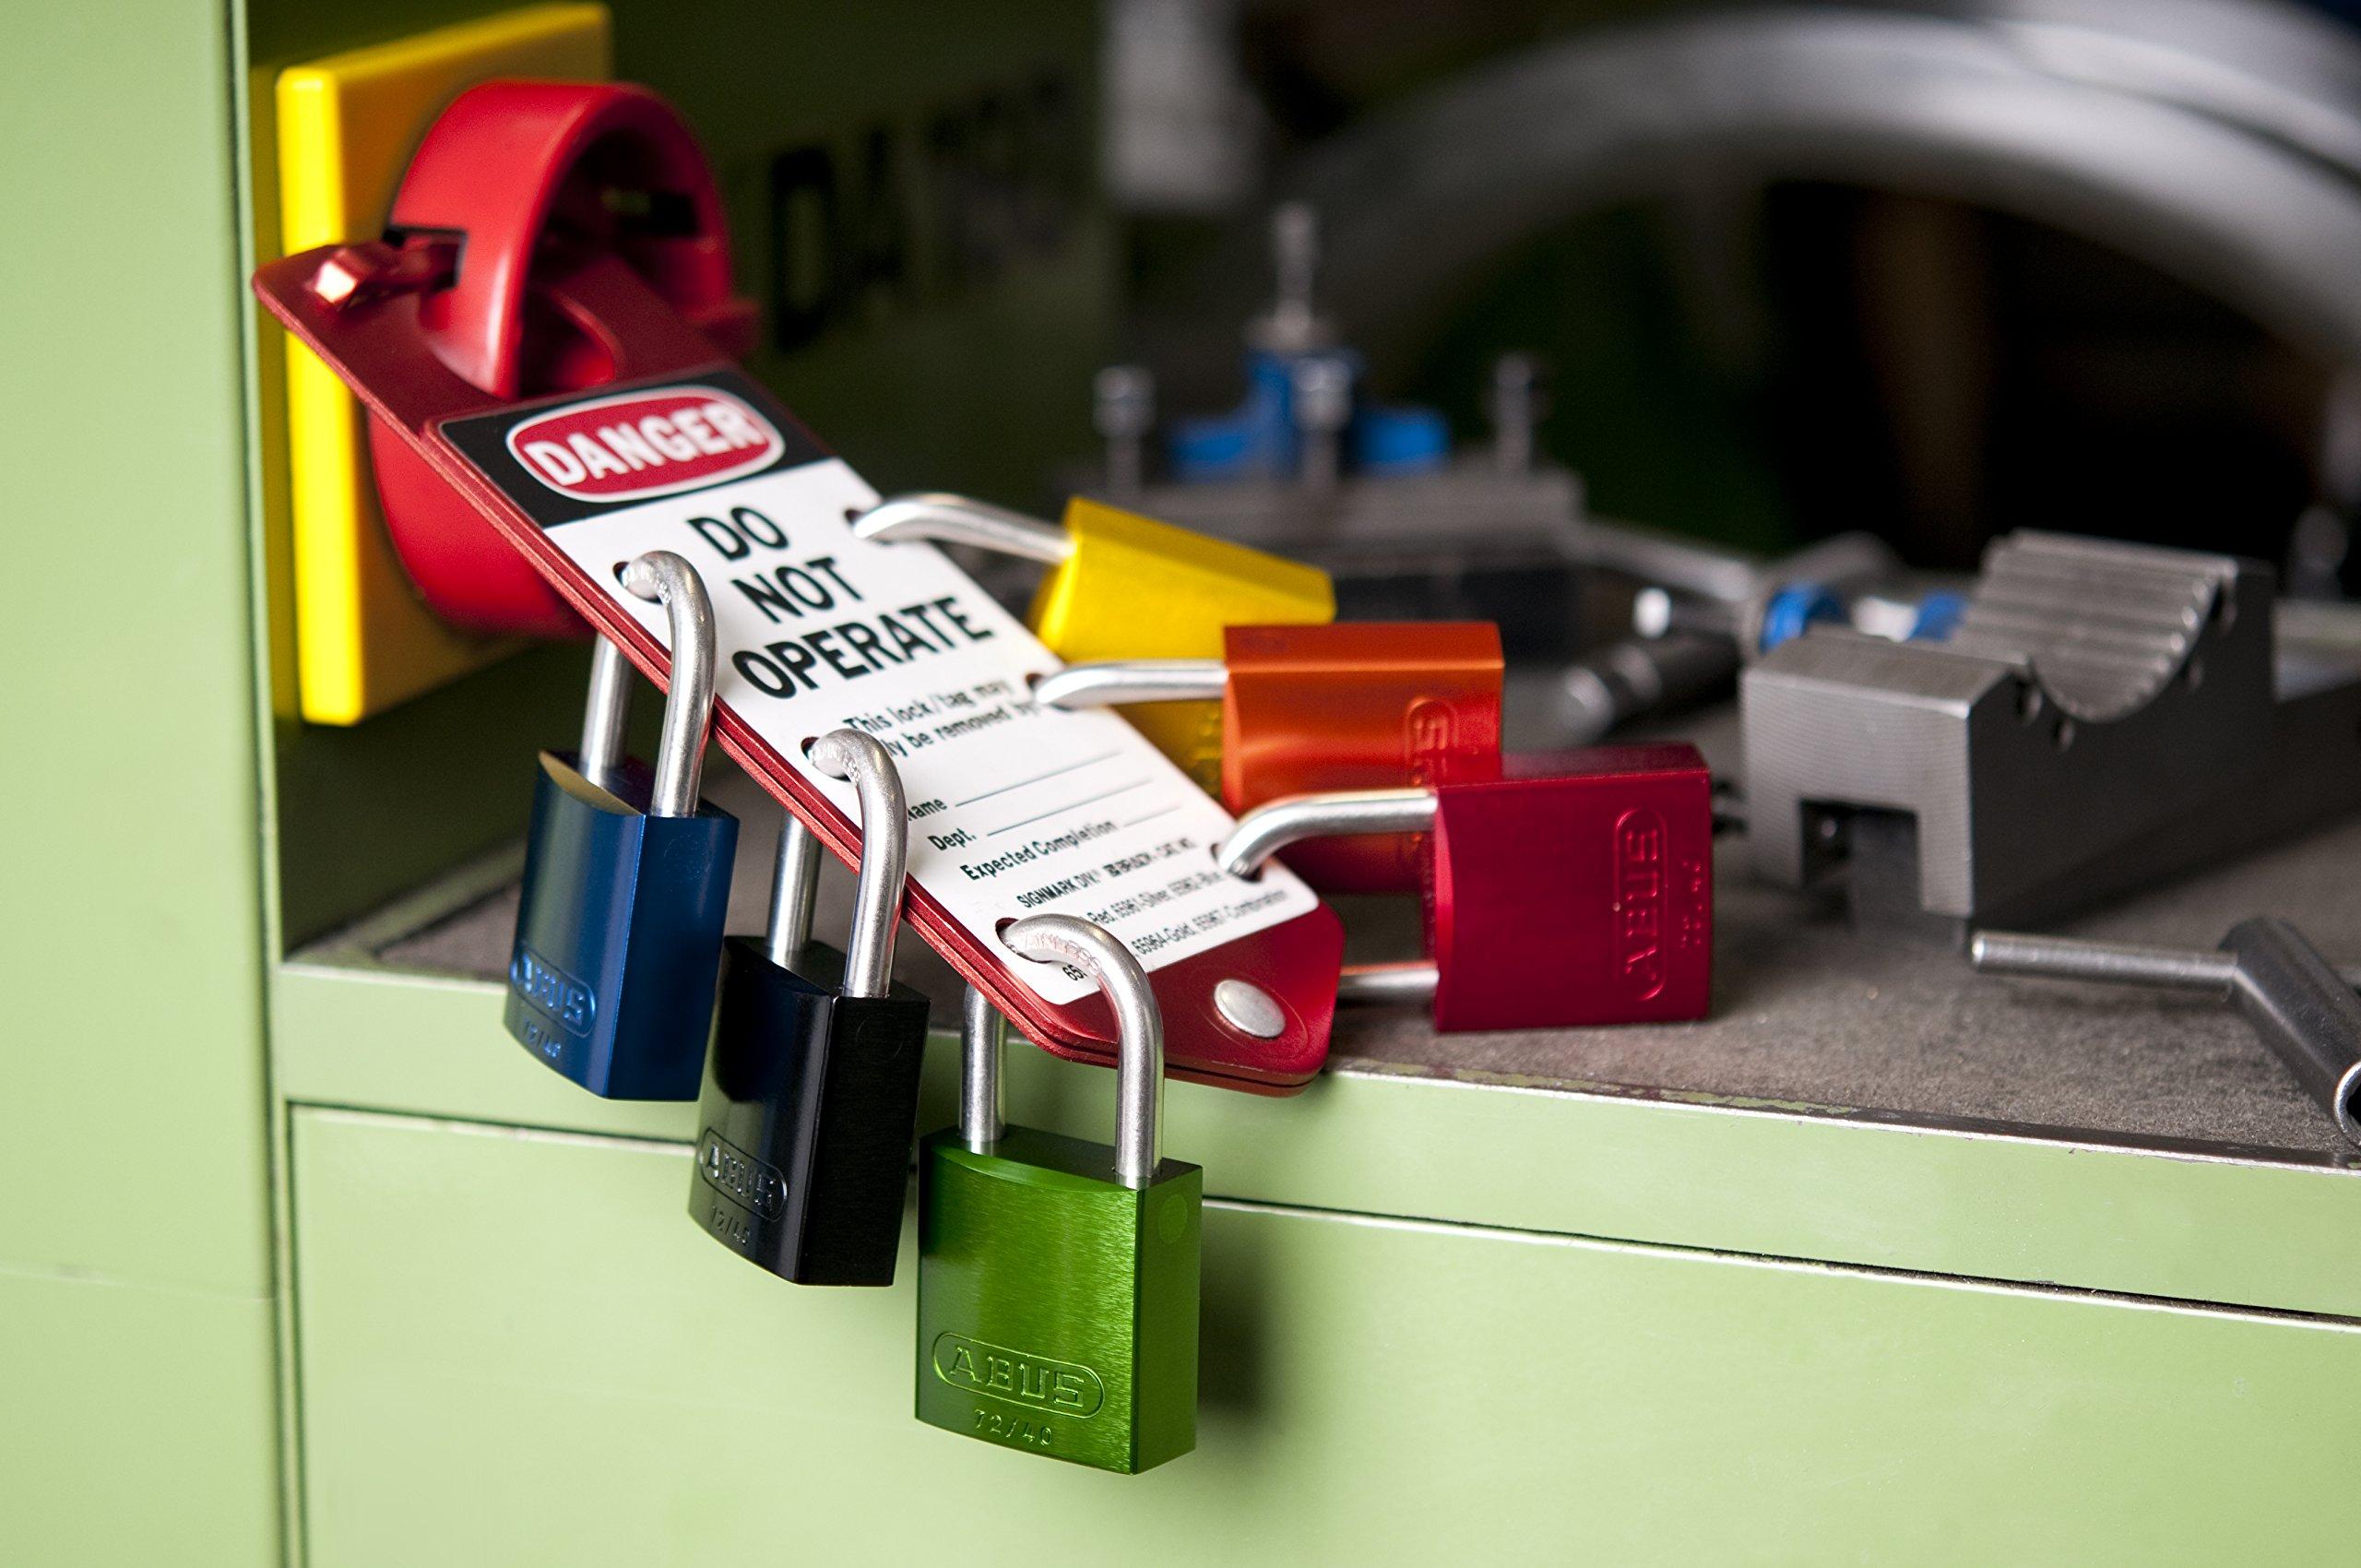 ABUS 72/30 KA Safety Lockout Aluminum Keyed Alike Padlock, Purple by ABUS (Image #3)